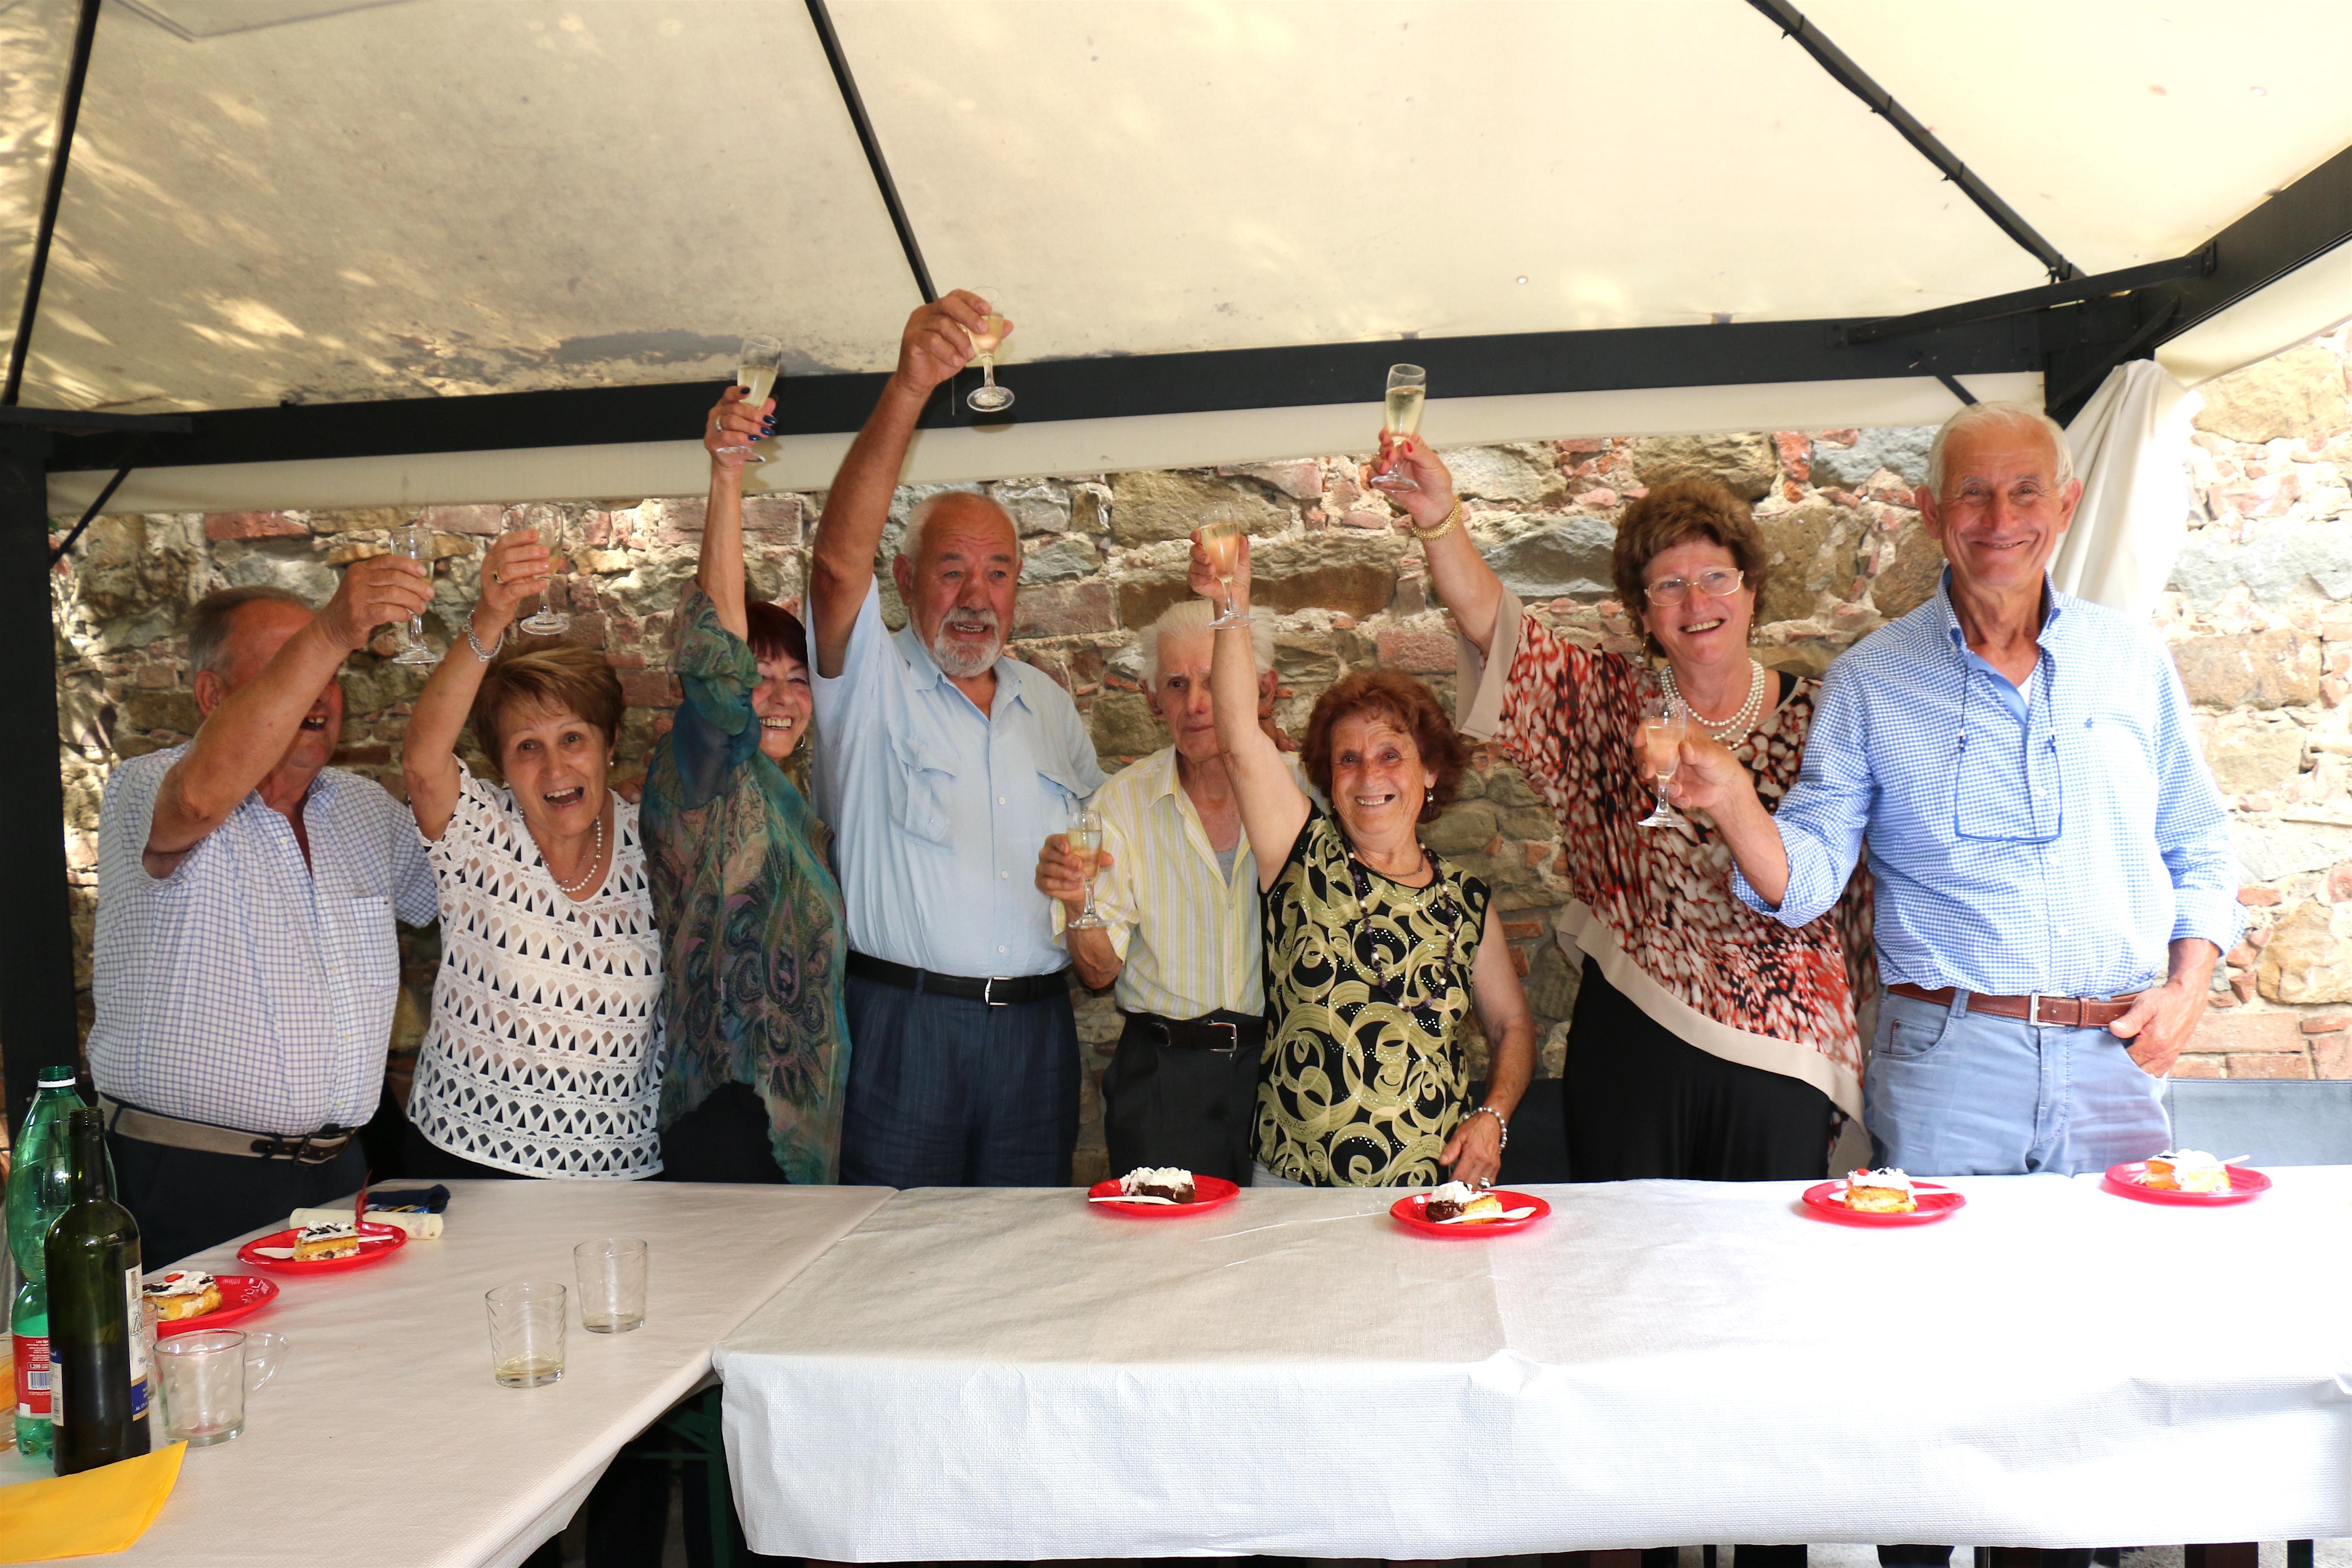 Nozze d'oro al Circolo Auser di Lucignano, una bellissima tradizione